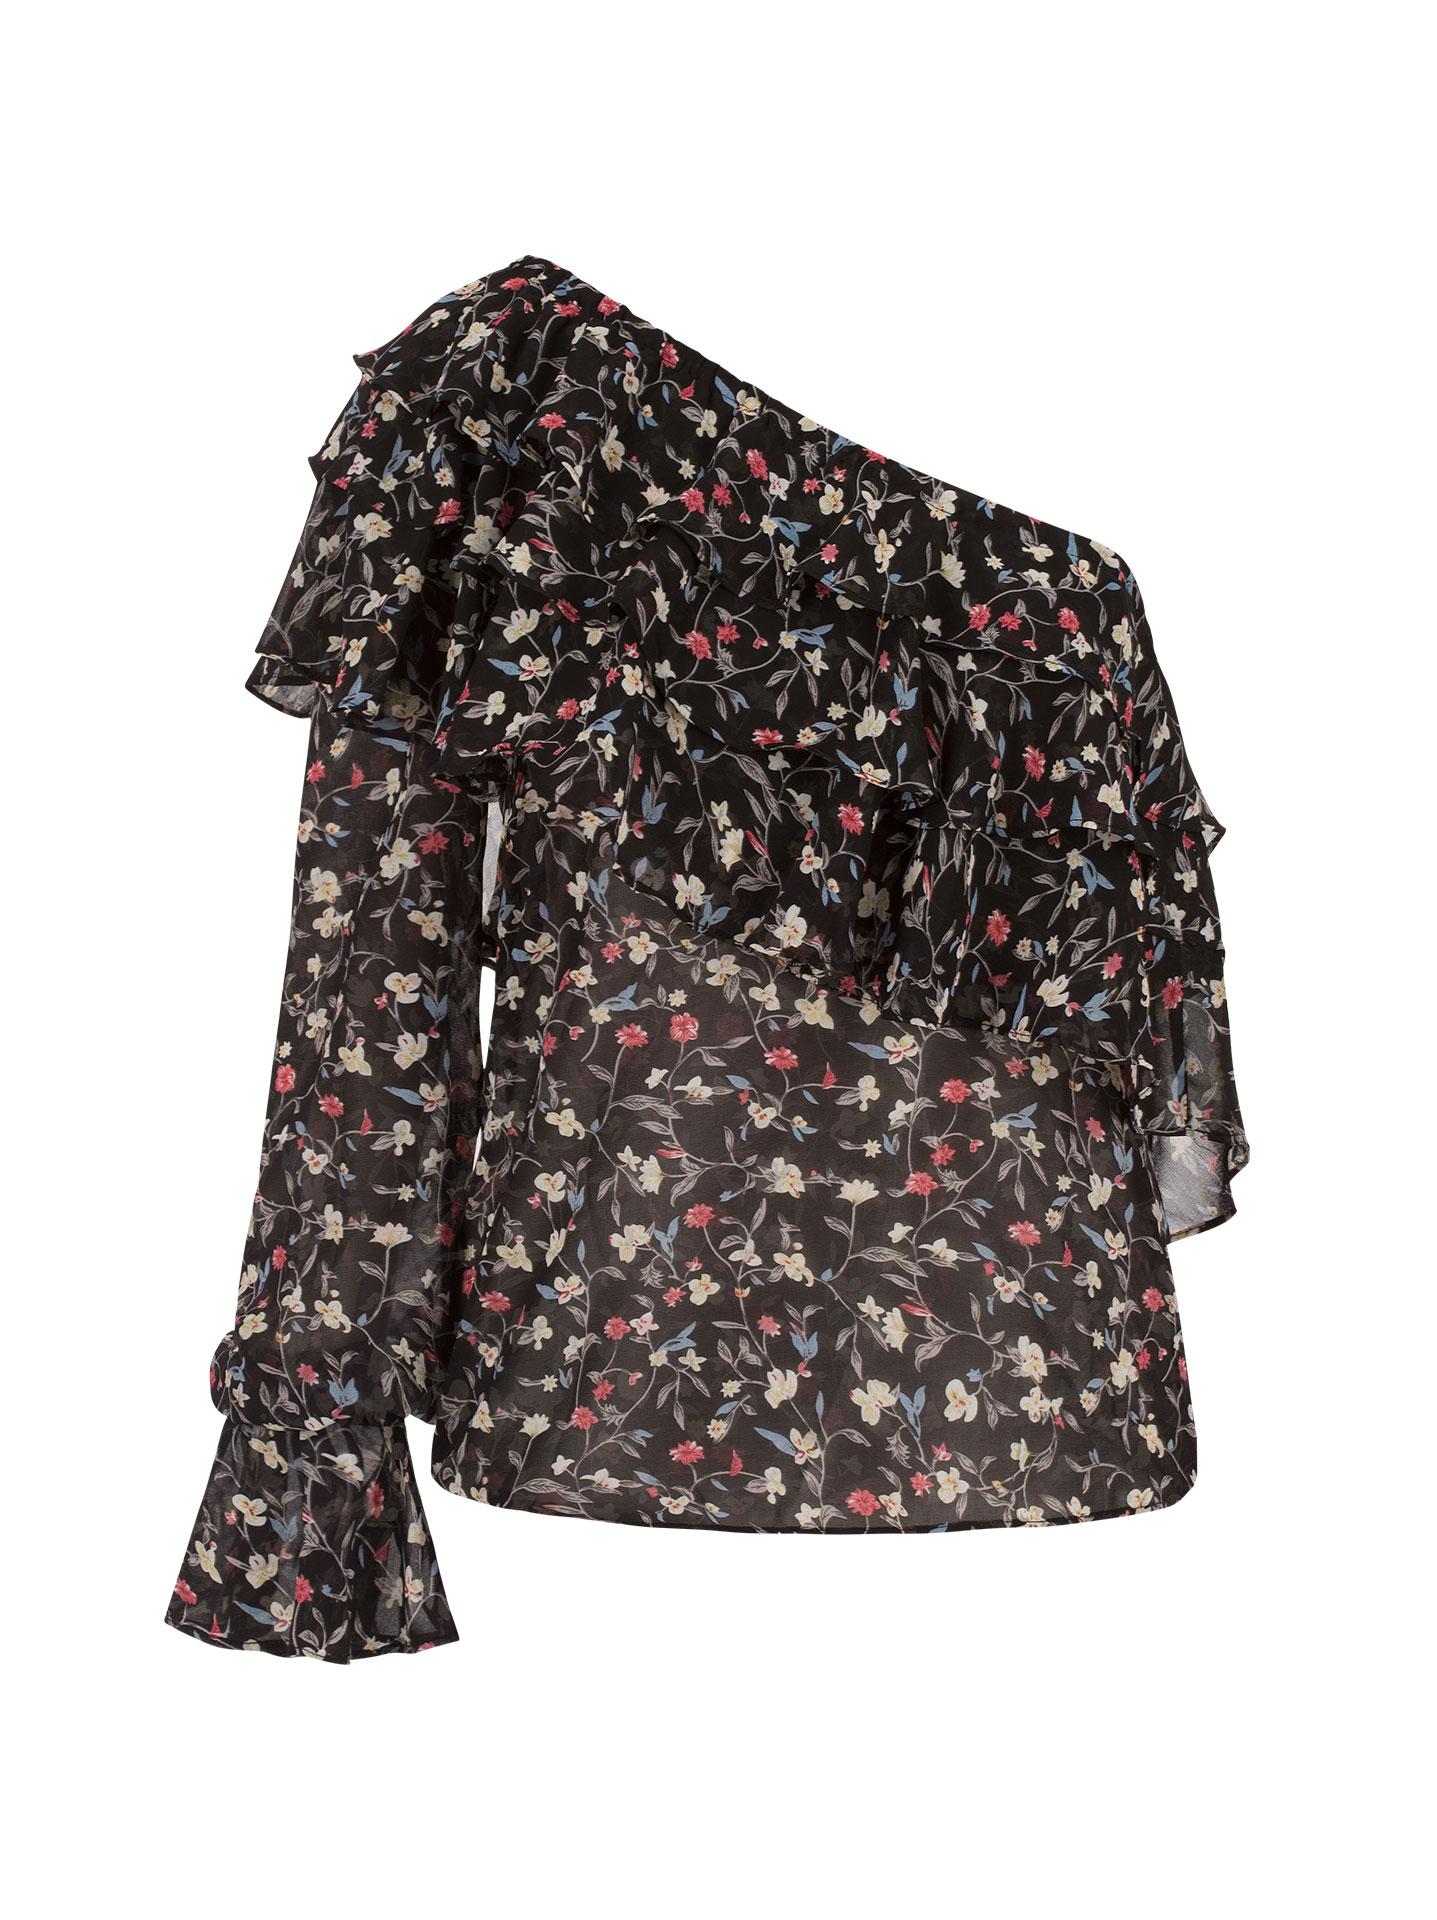 4c704e7f5366 Floral μπλούζα με έναν ώμο σε μαυρο